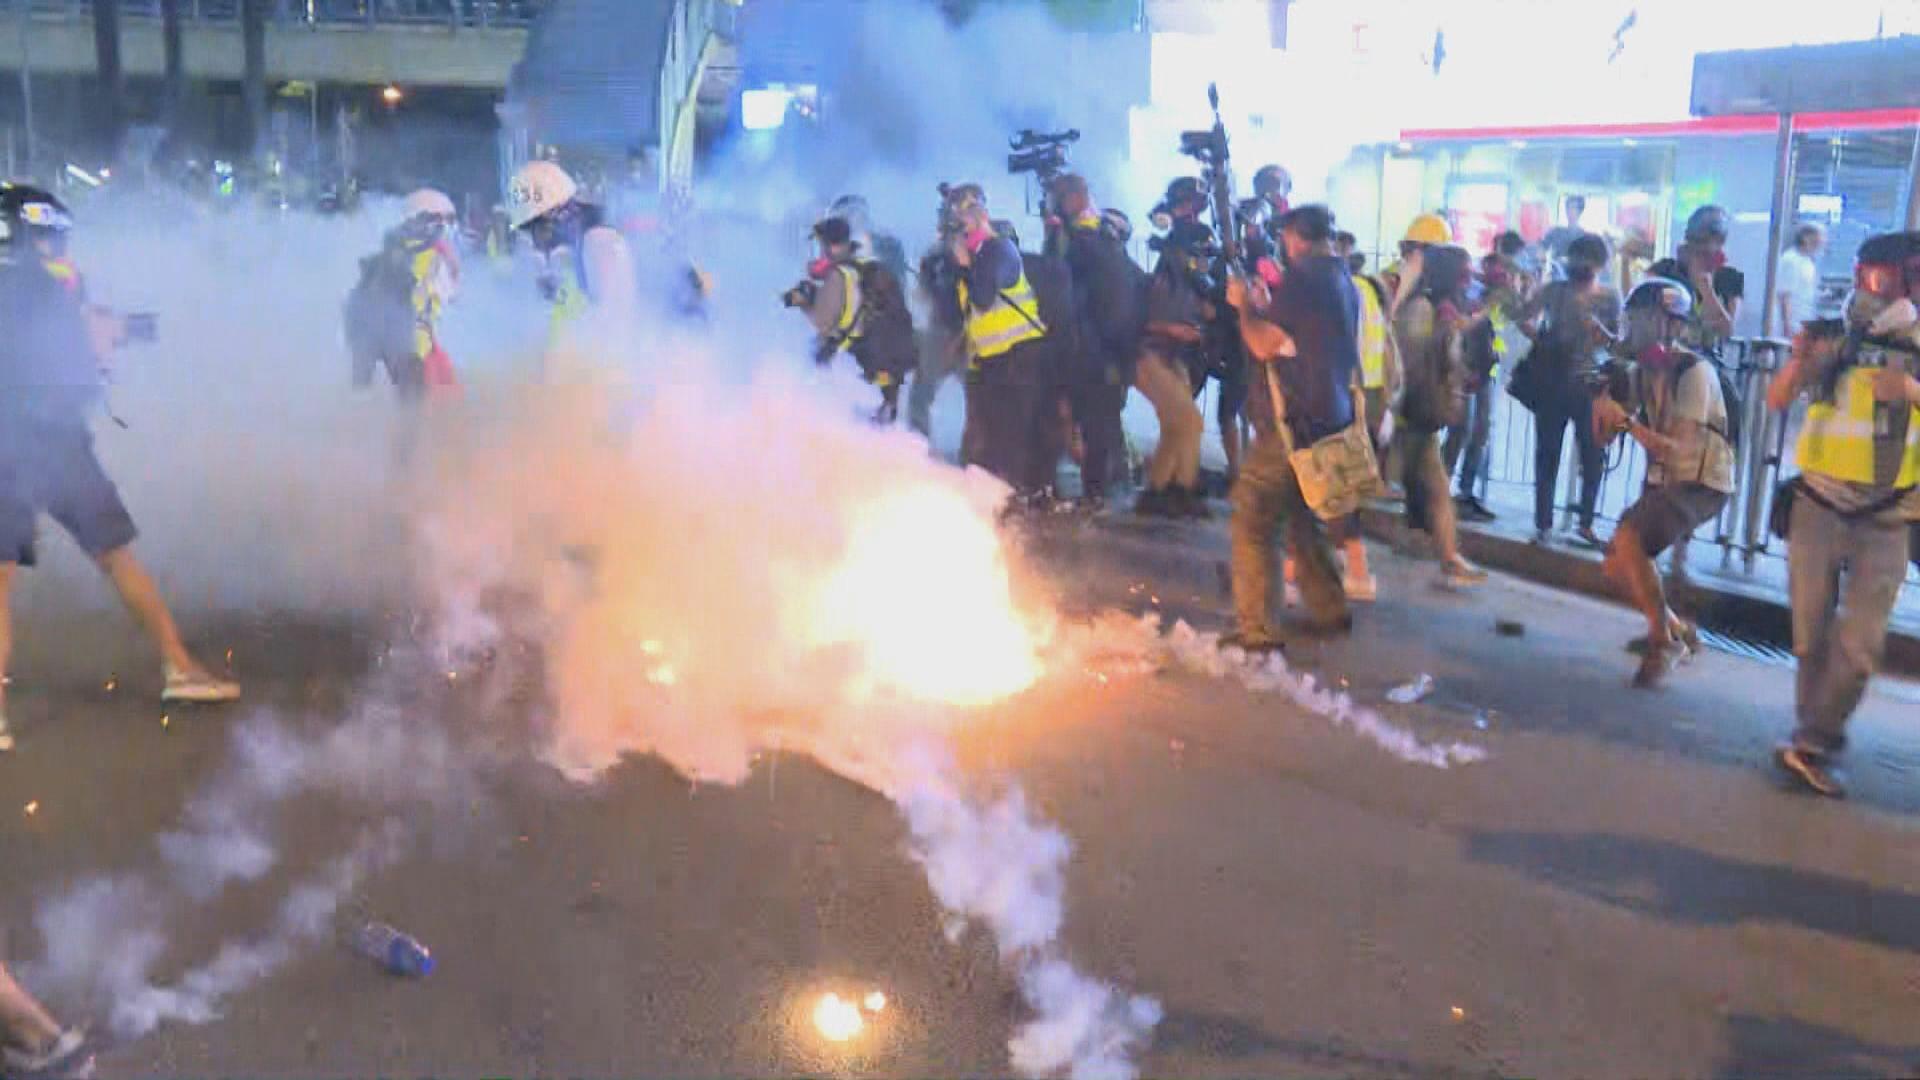 示威者元朗大馬路堵路及投擲汽油彈 警方多次放催淚彈驅散